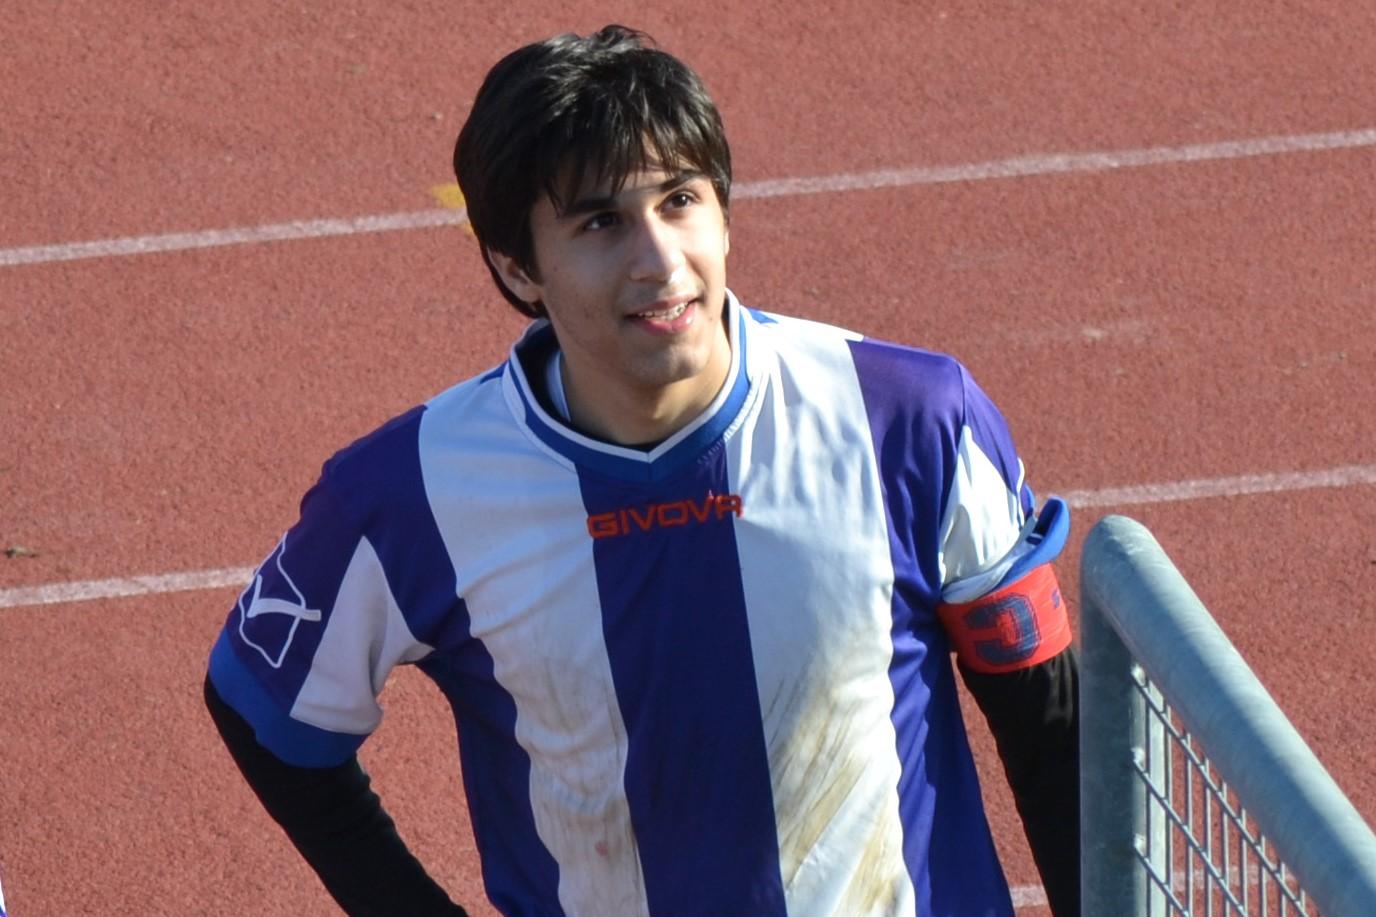 Massimo Ingrande